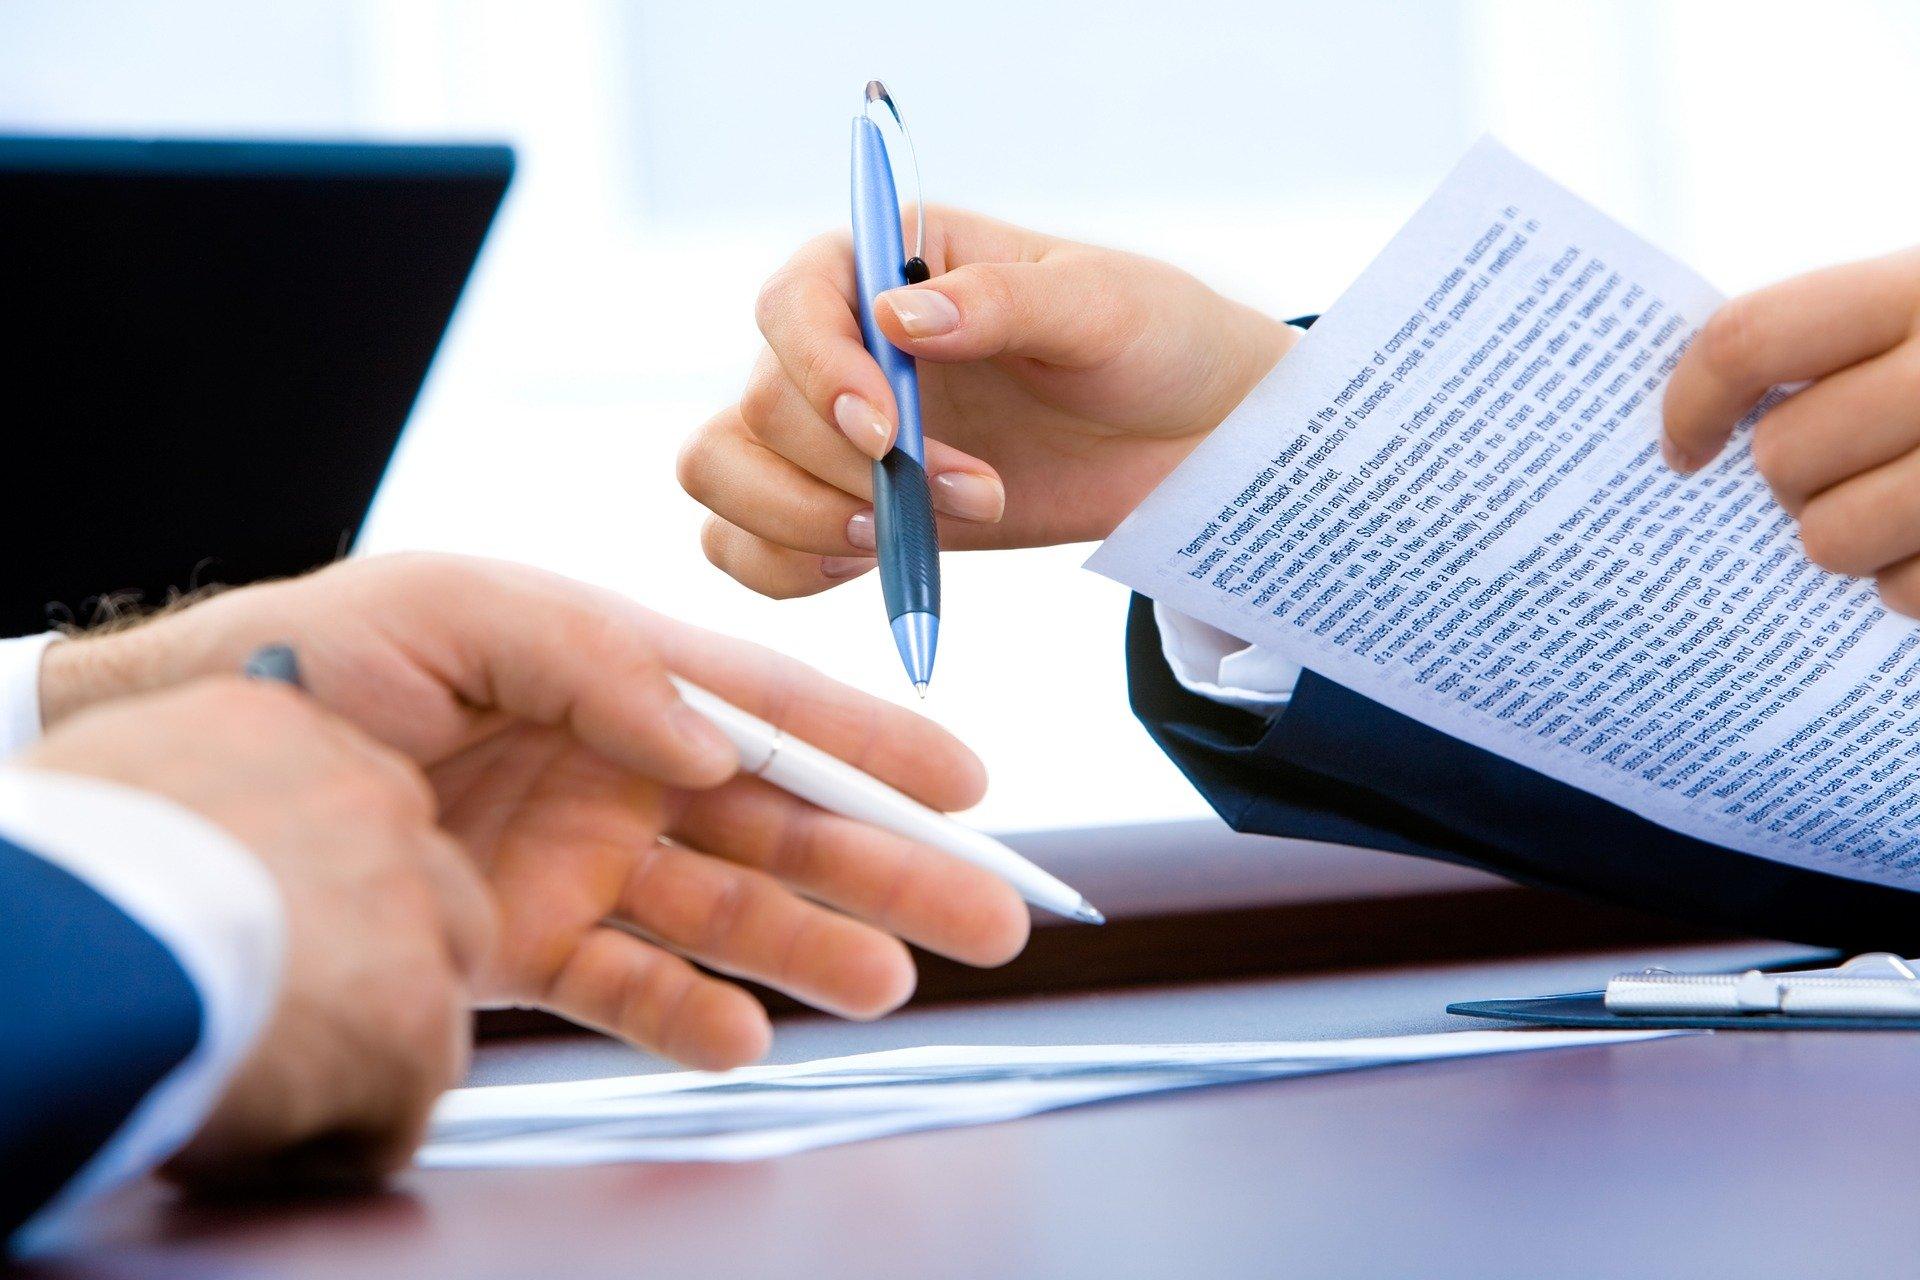 Personalvermittlung – Wie funktioniert diese?